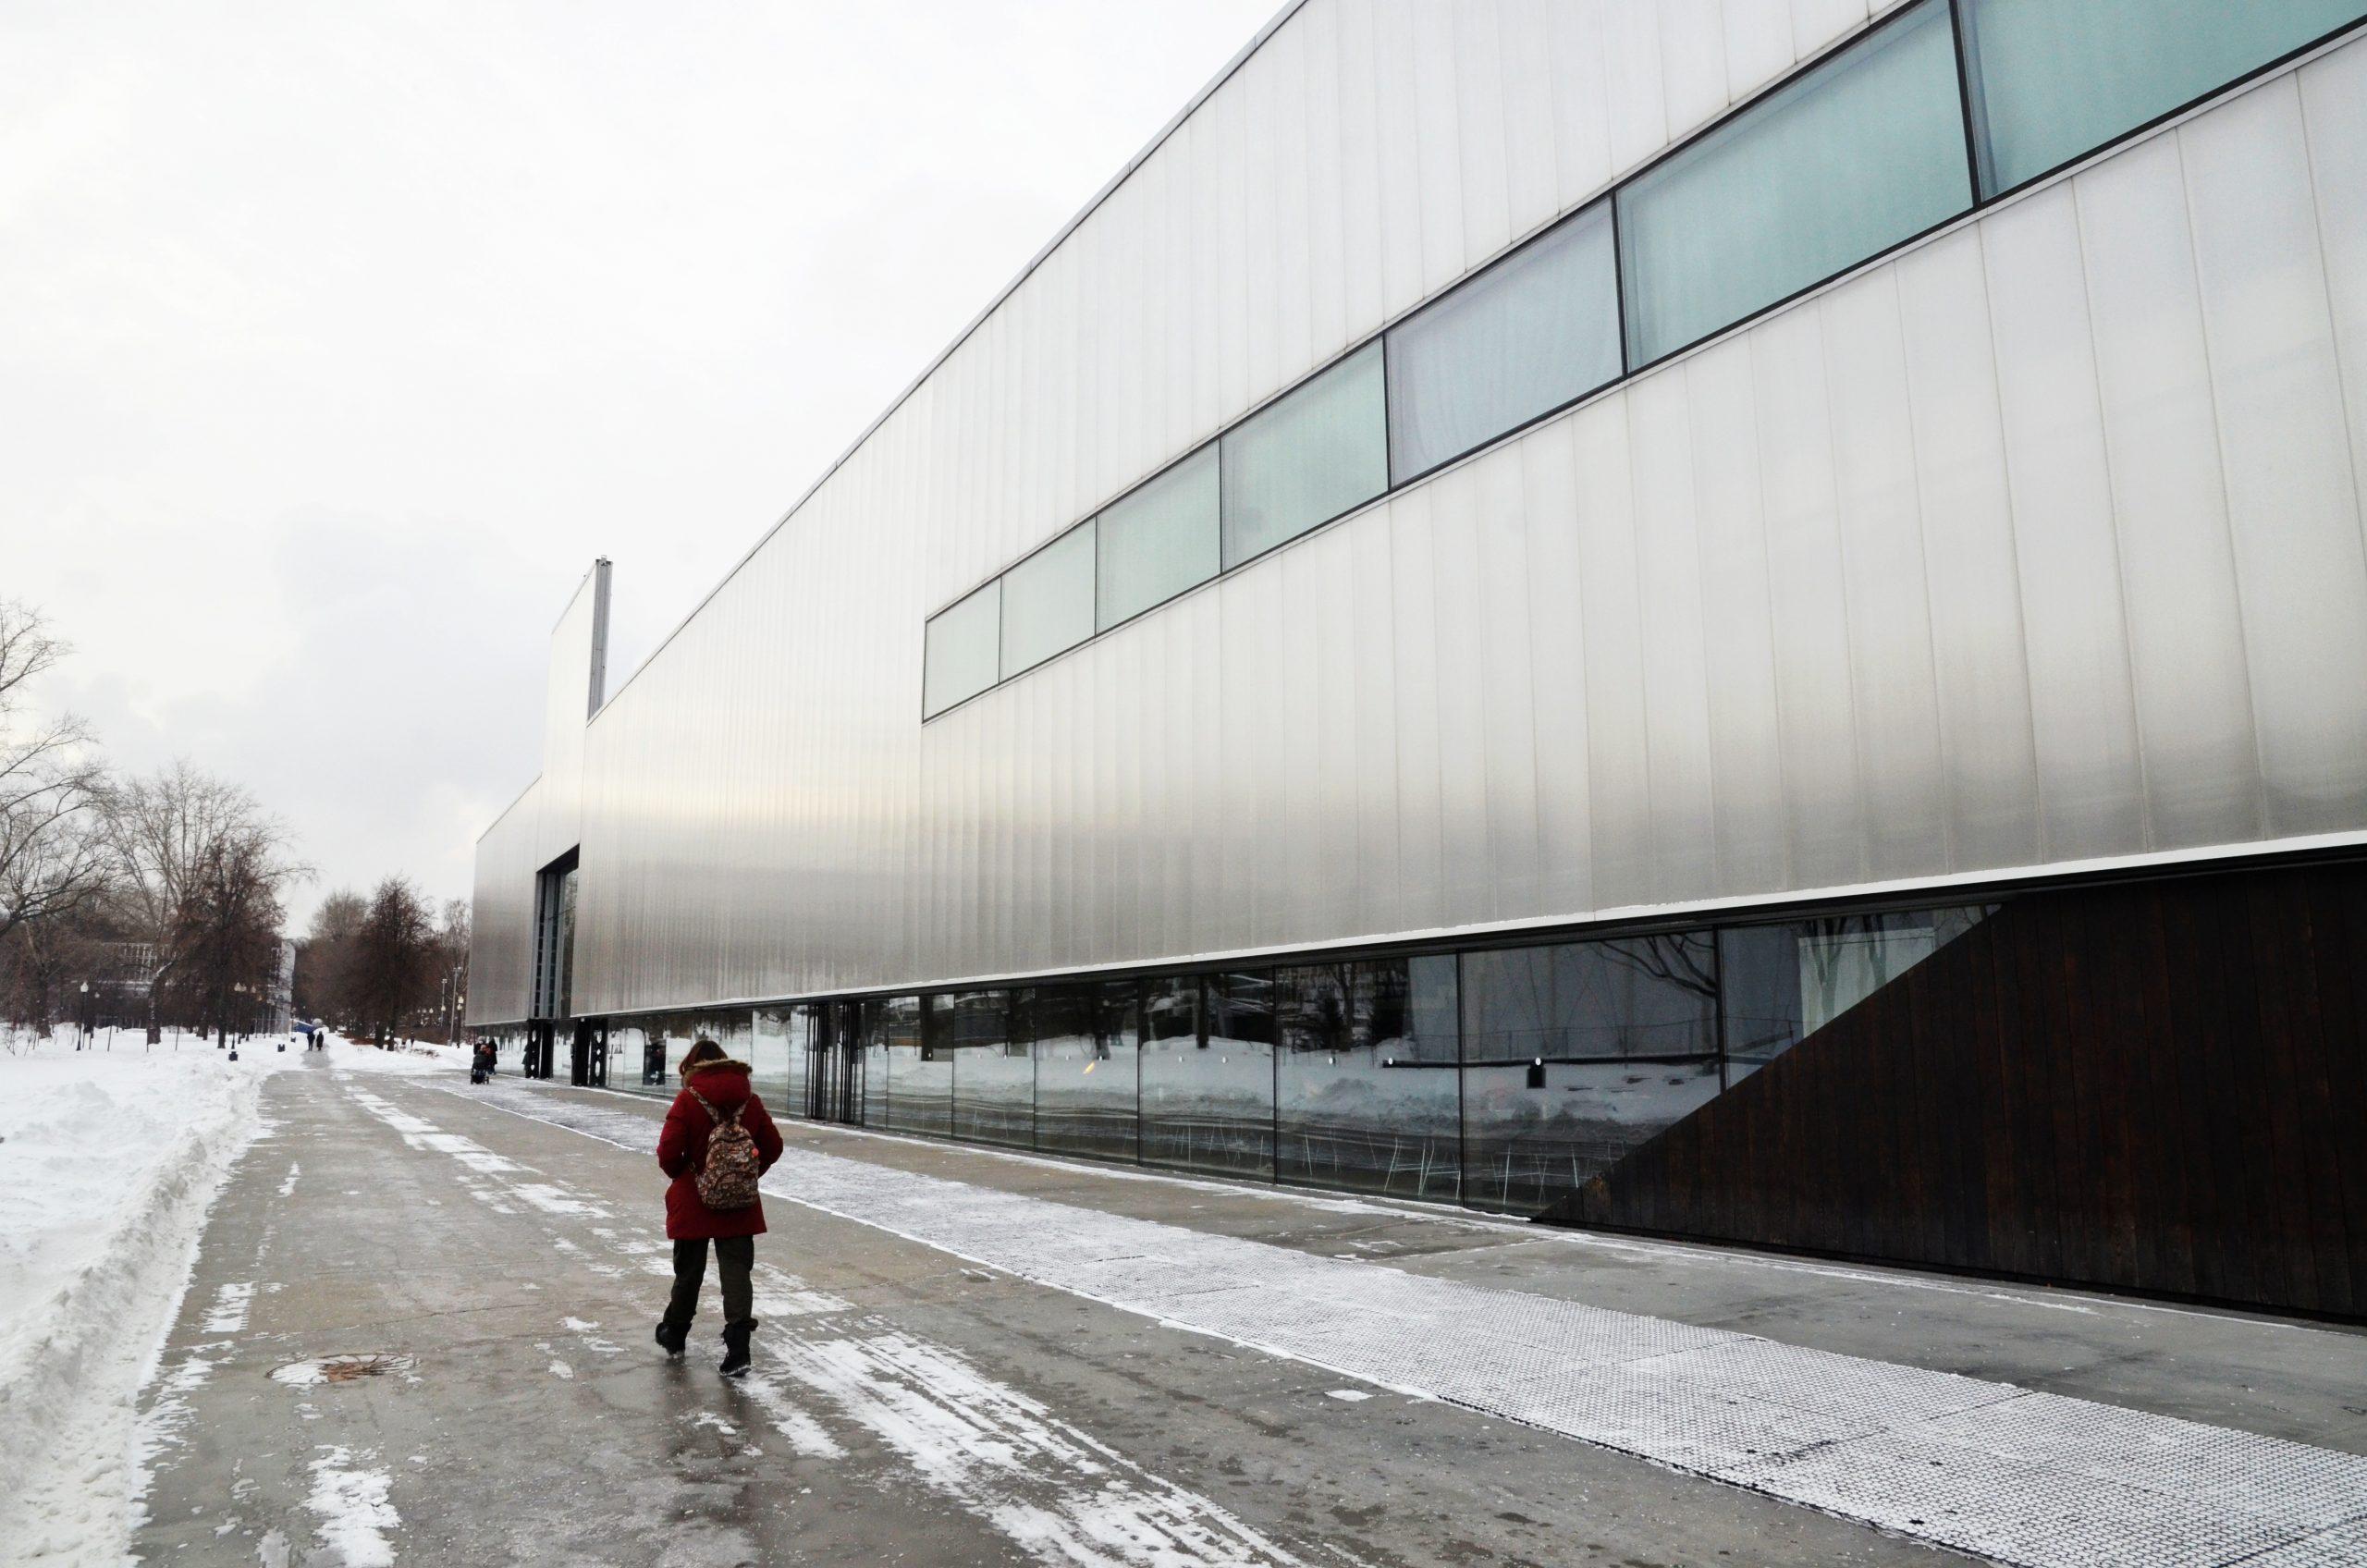 Москвичам рассказали о погоде в городе в эту субботу